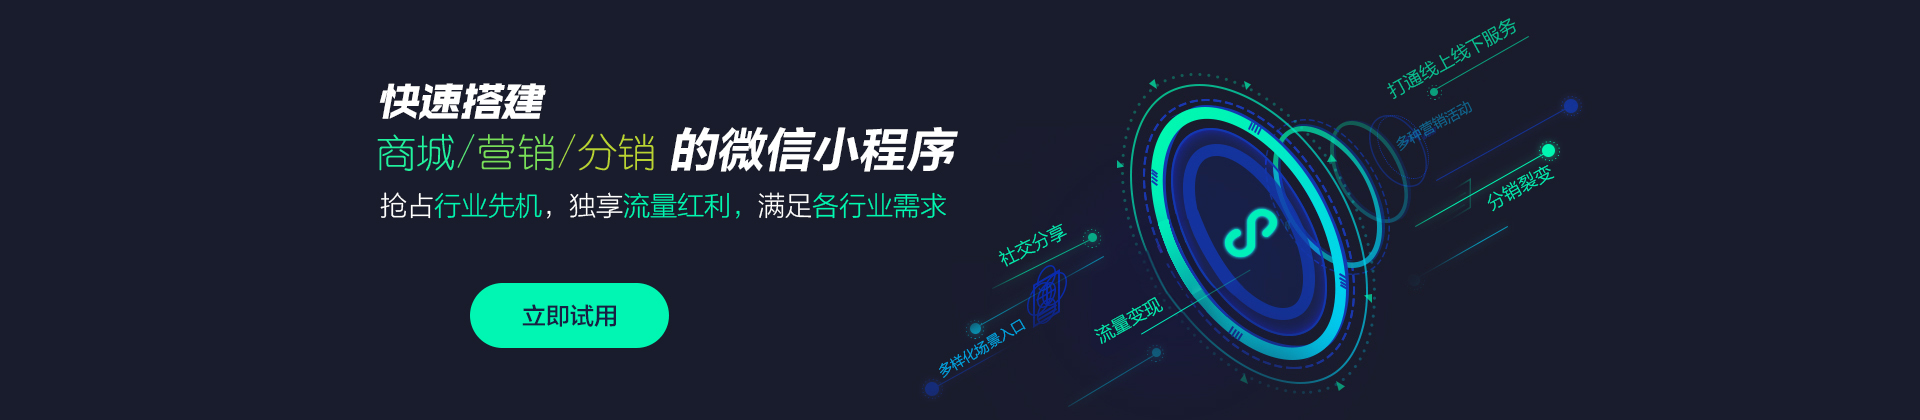 东莞市无穷大电子商务有限公司